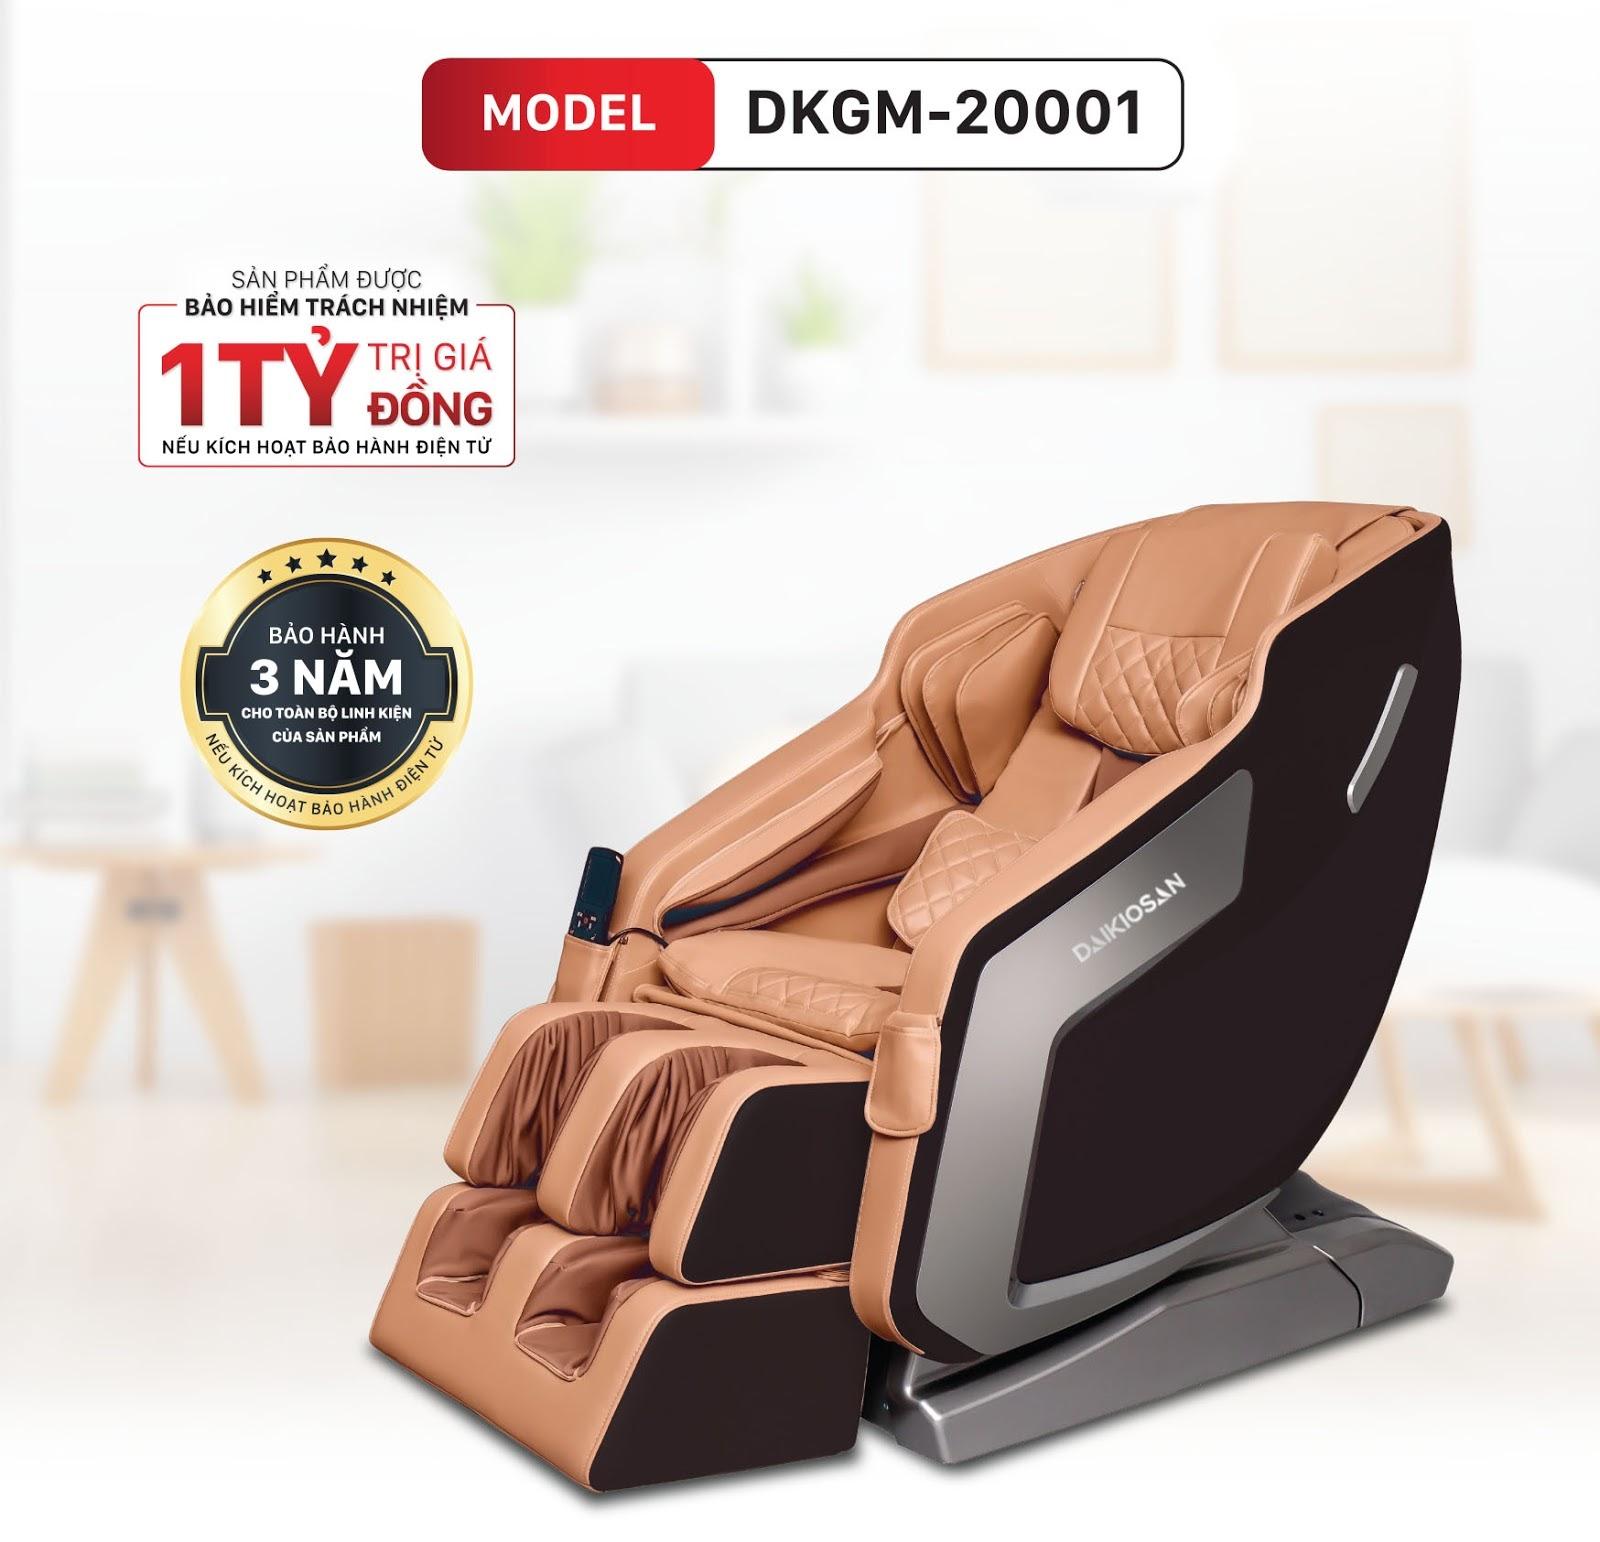 Tư vấn mua ghế massage lưu ý về chế độ bảo hành của sản phẩm